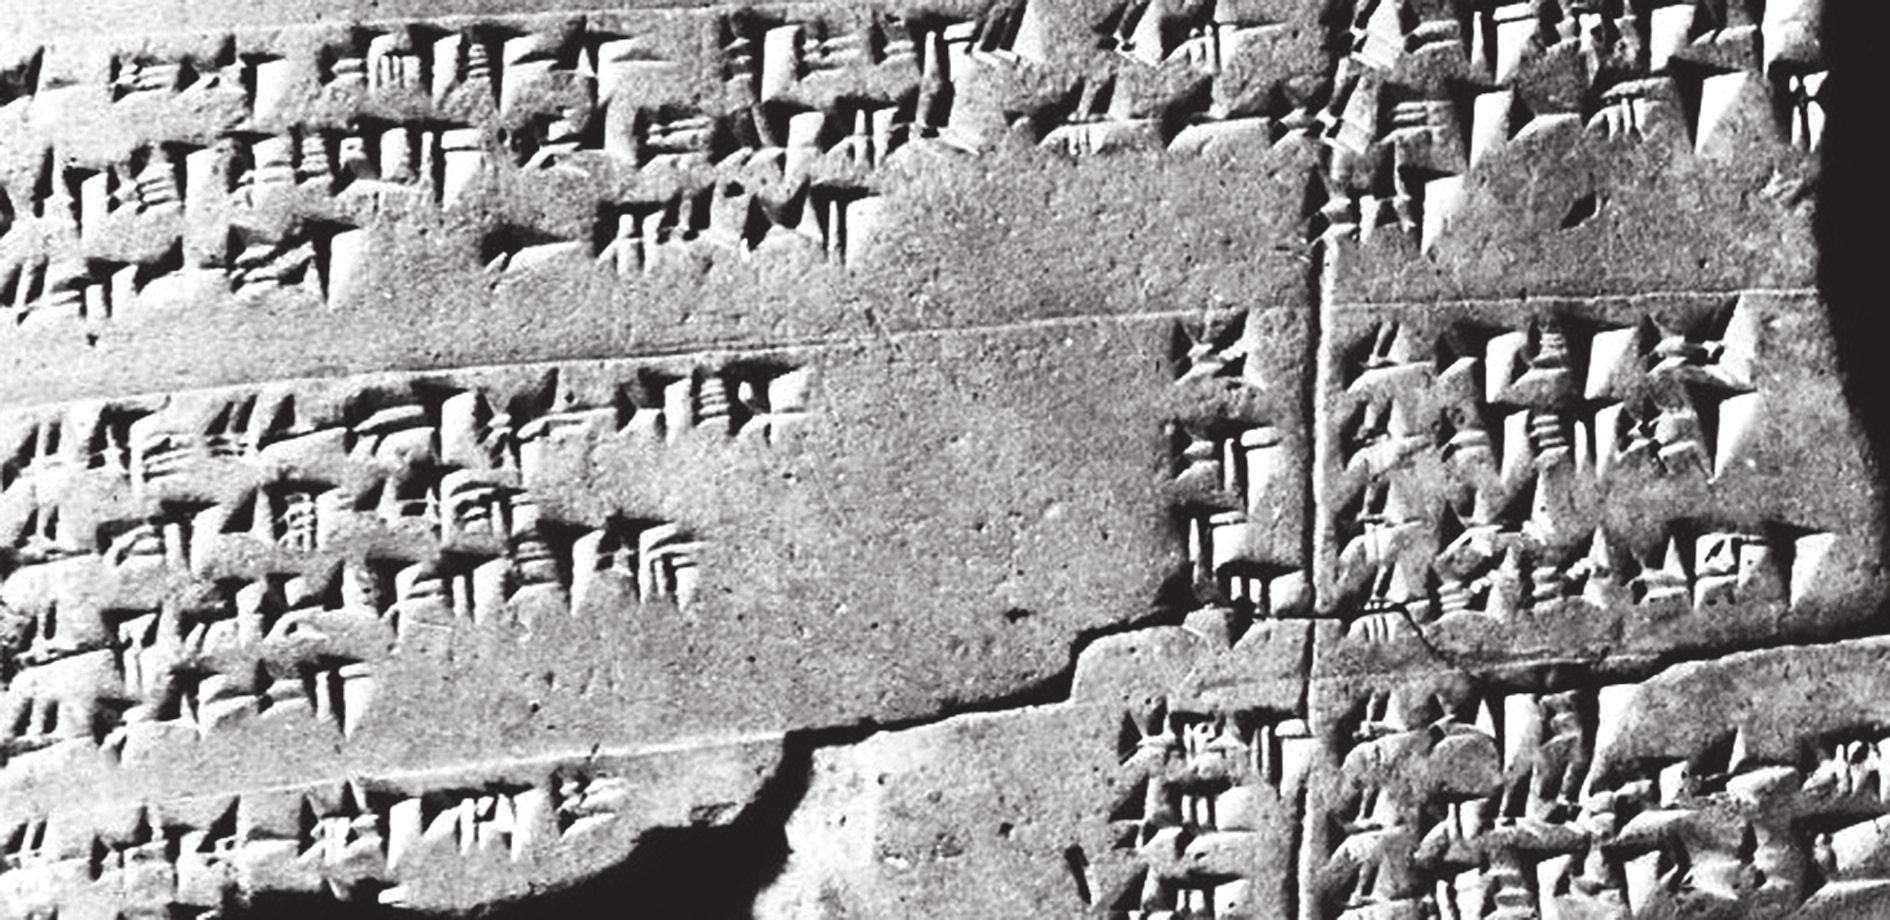 Инструкция для дворцового персонала из Хаттусы, столицы Хеттской империи: технический персонал подметает пол, а не управляет решениями царей